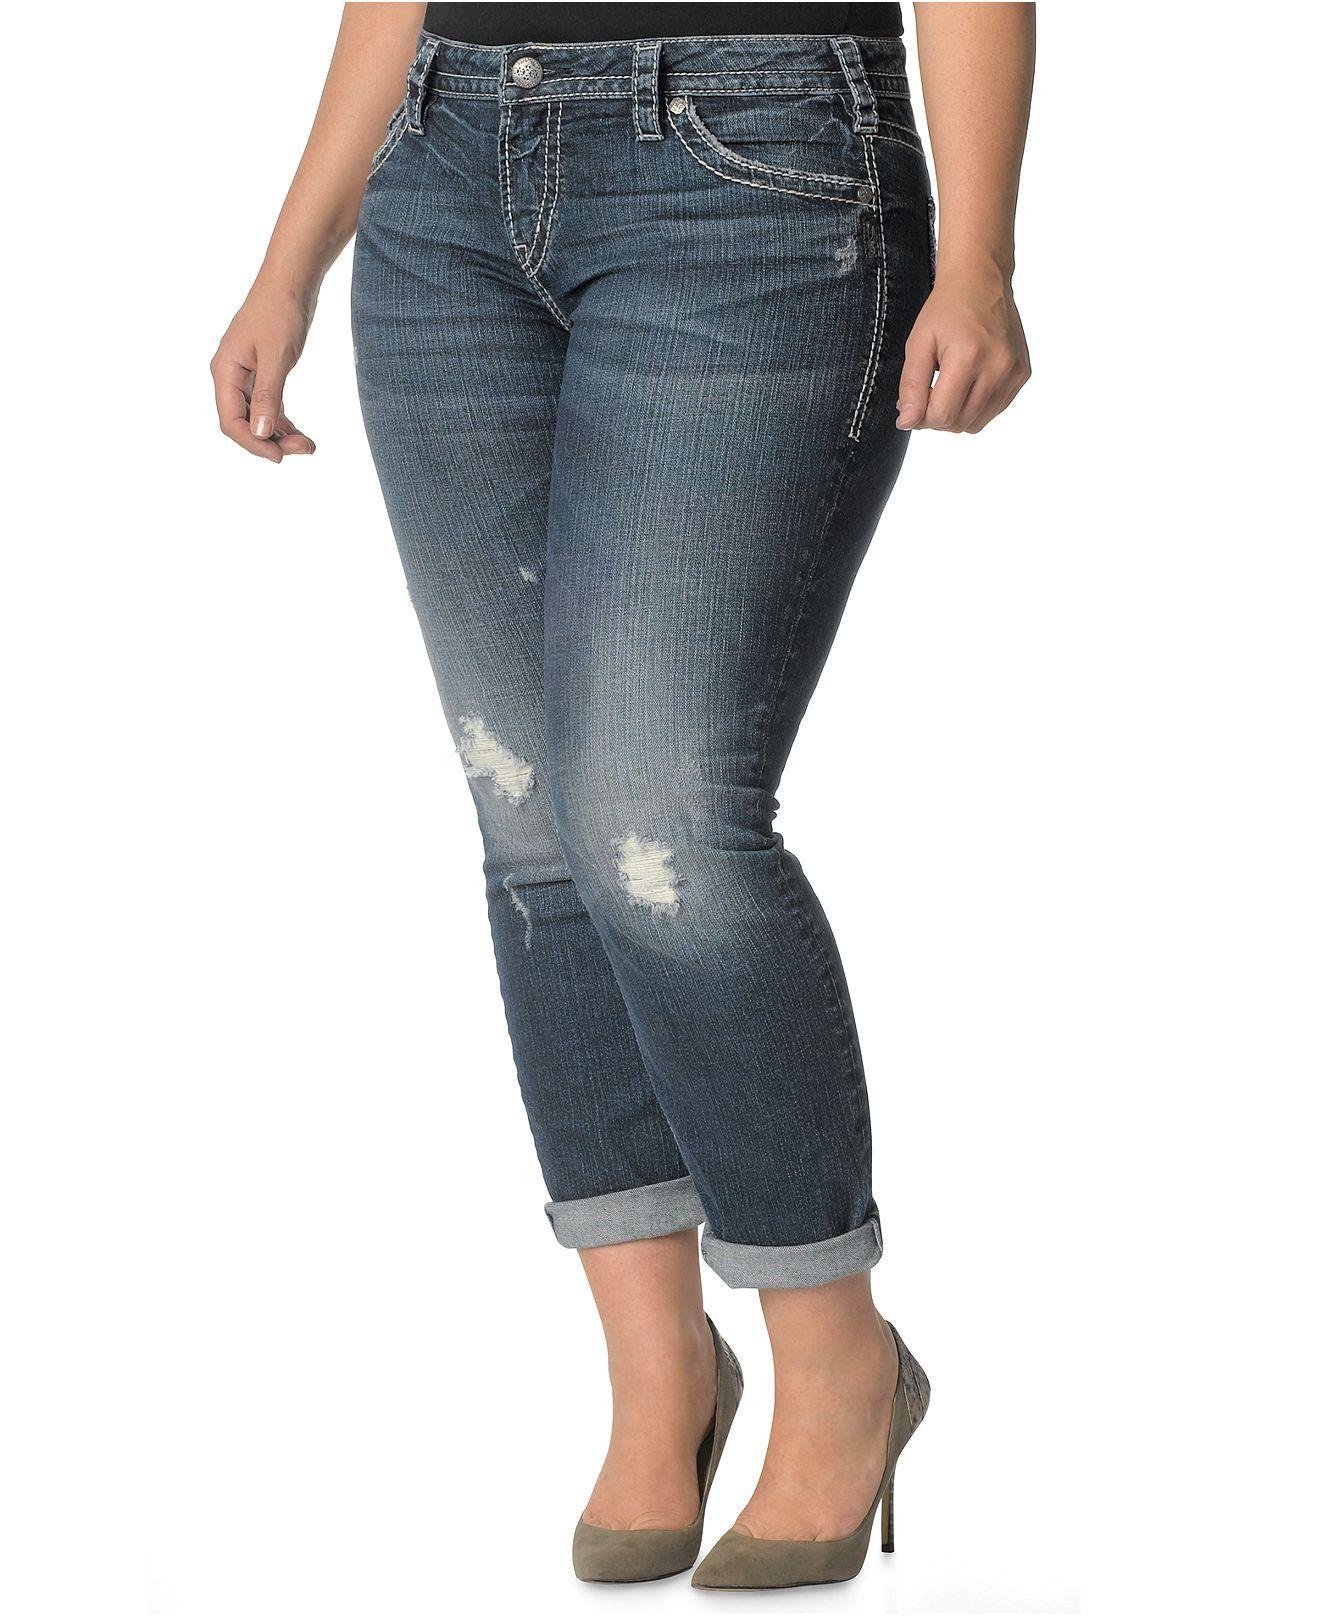 Silver Jeans Plus Size Jeans, Lola Skinny Boyfriend, Indigo Wash ...